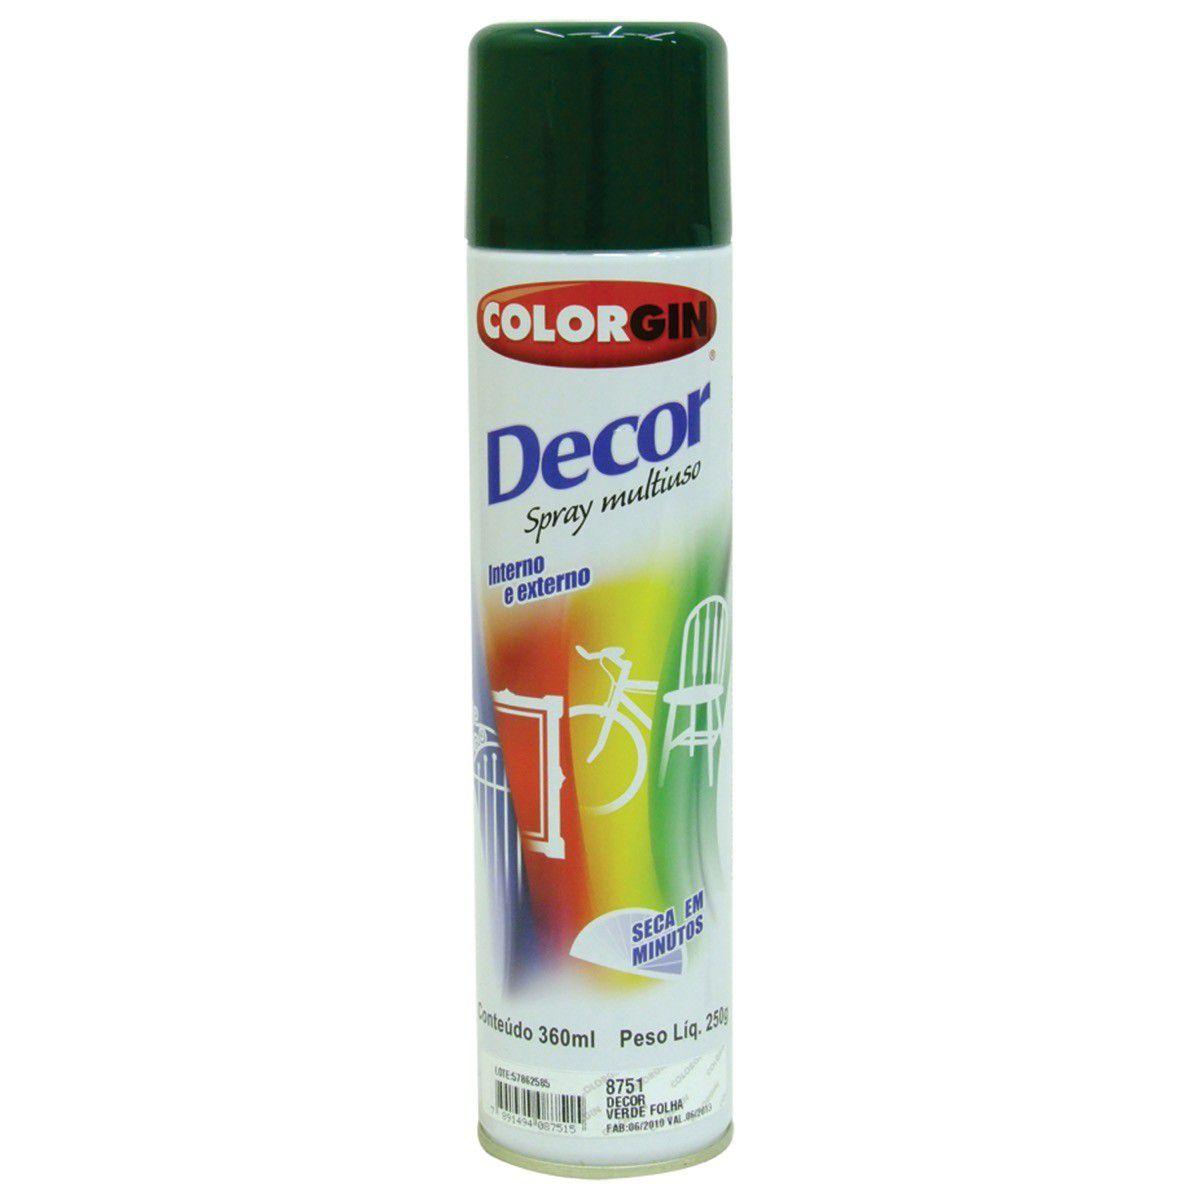 Tinta Spray Colorgin Decor Verde Folha 360Ml #A Cx/6